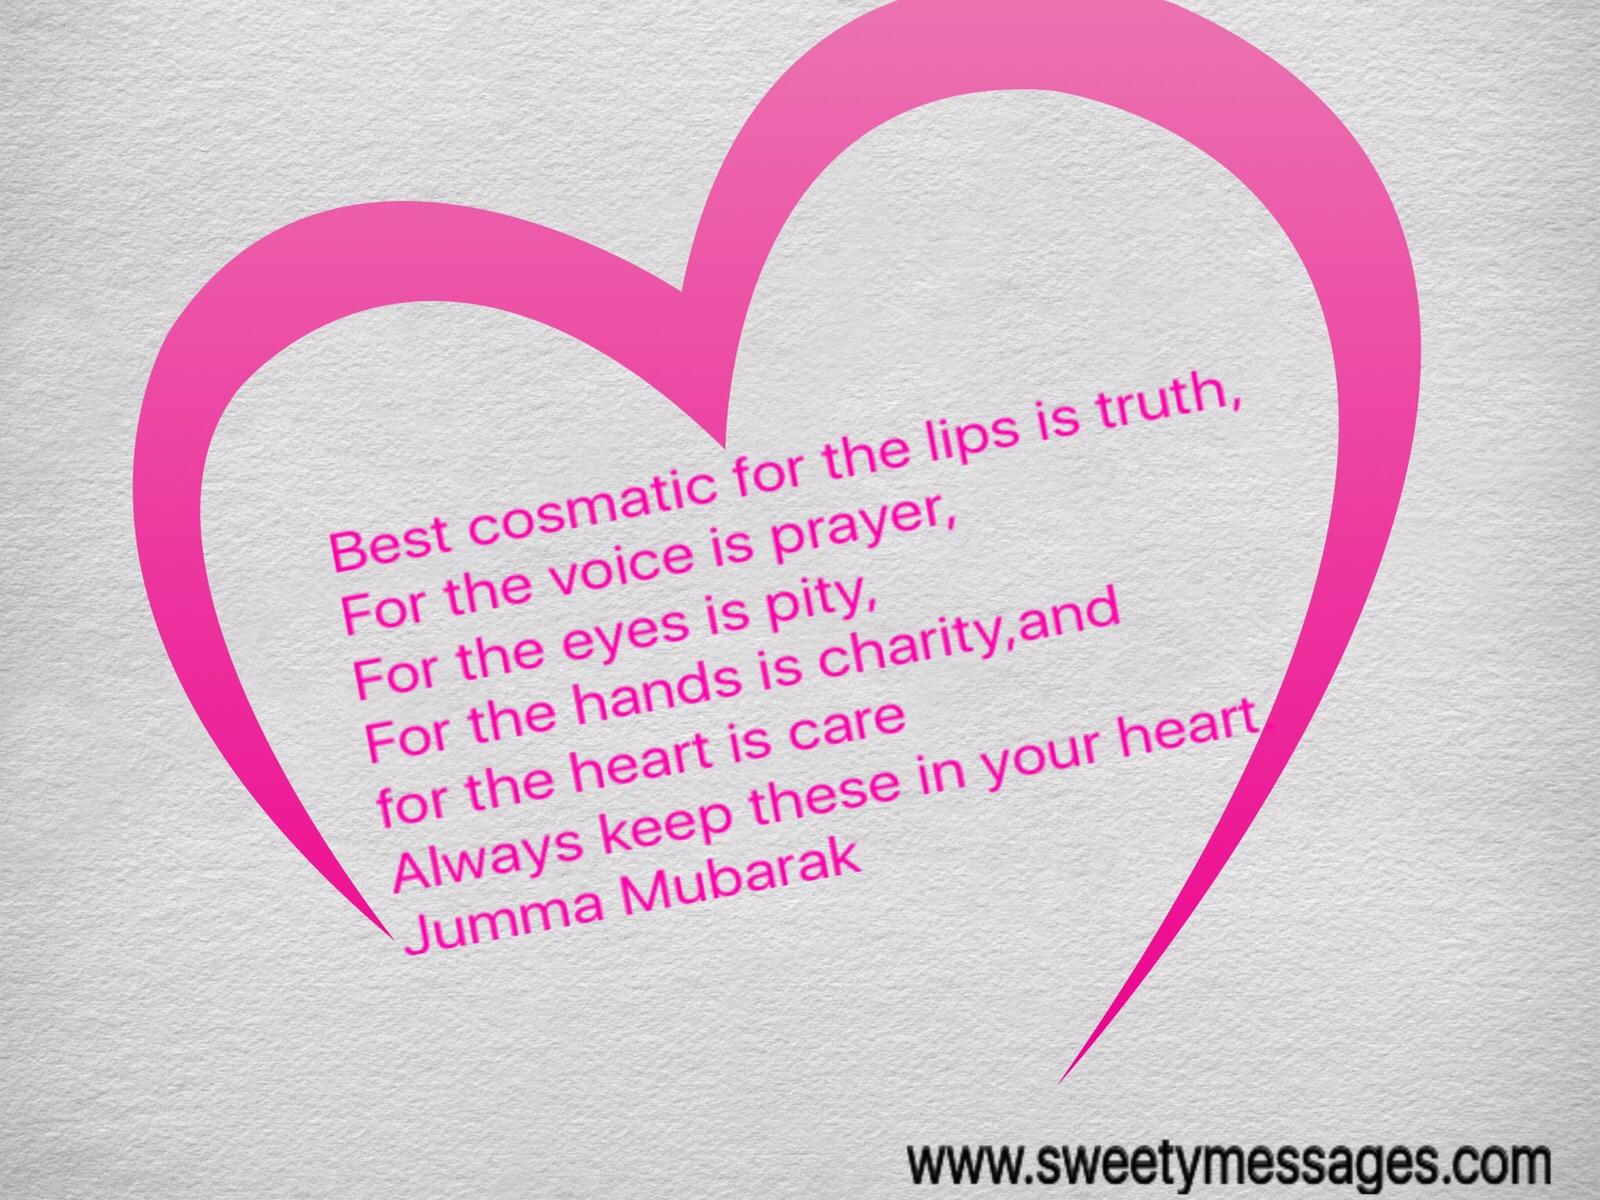 Jummah mubarek messages ngilizce cuma mesajlar jummah2bmubarak2b252842529g kristyandbryce Choice Image